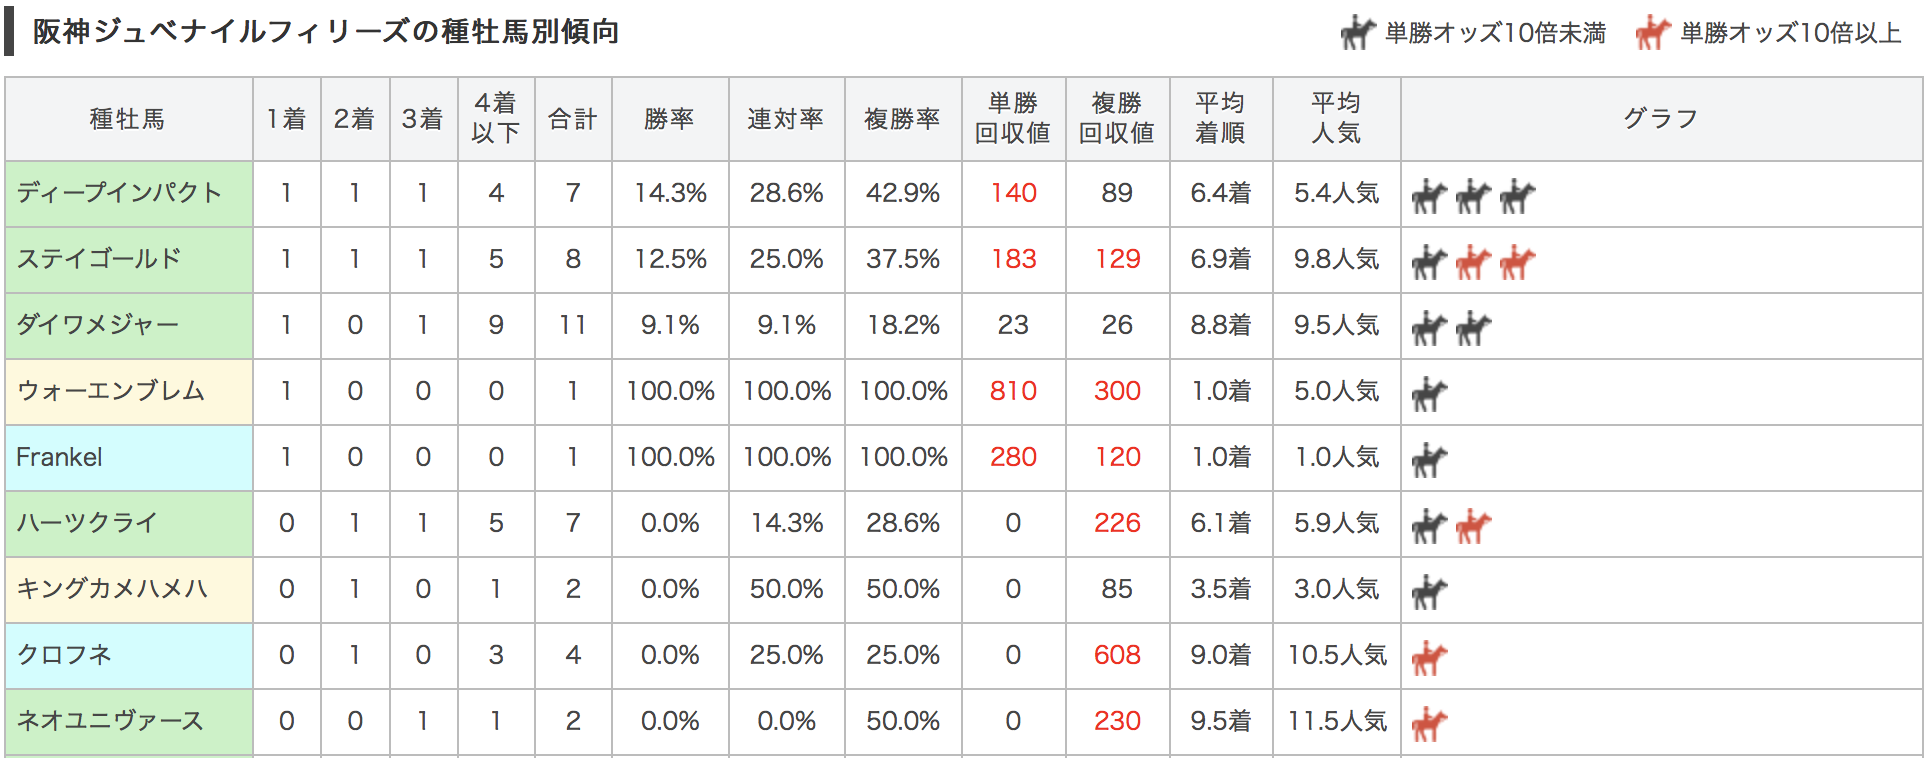 阪神ジュベナイルフィリーズ2017種牡馬別データ